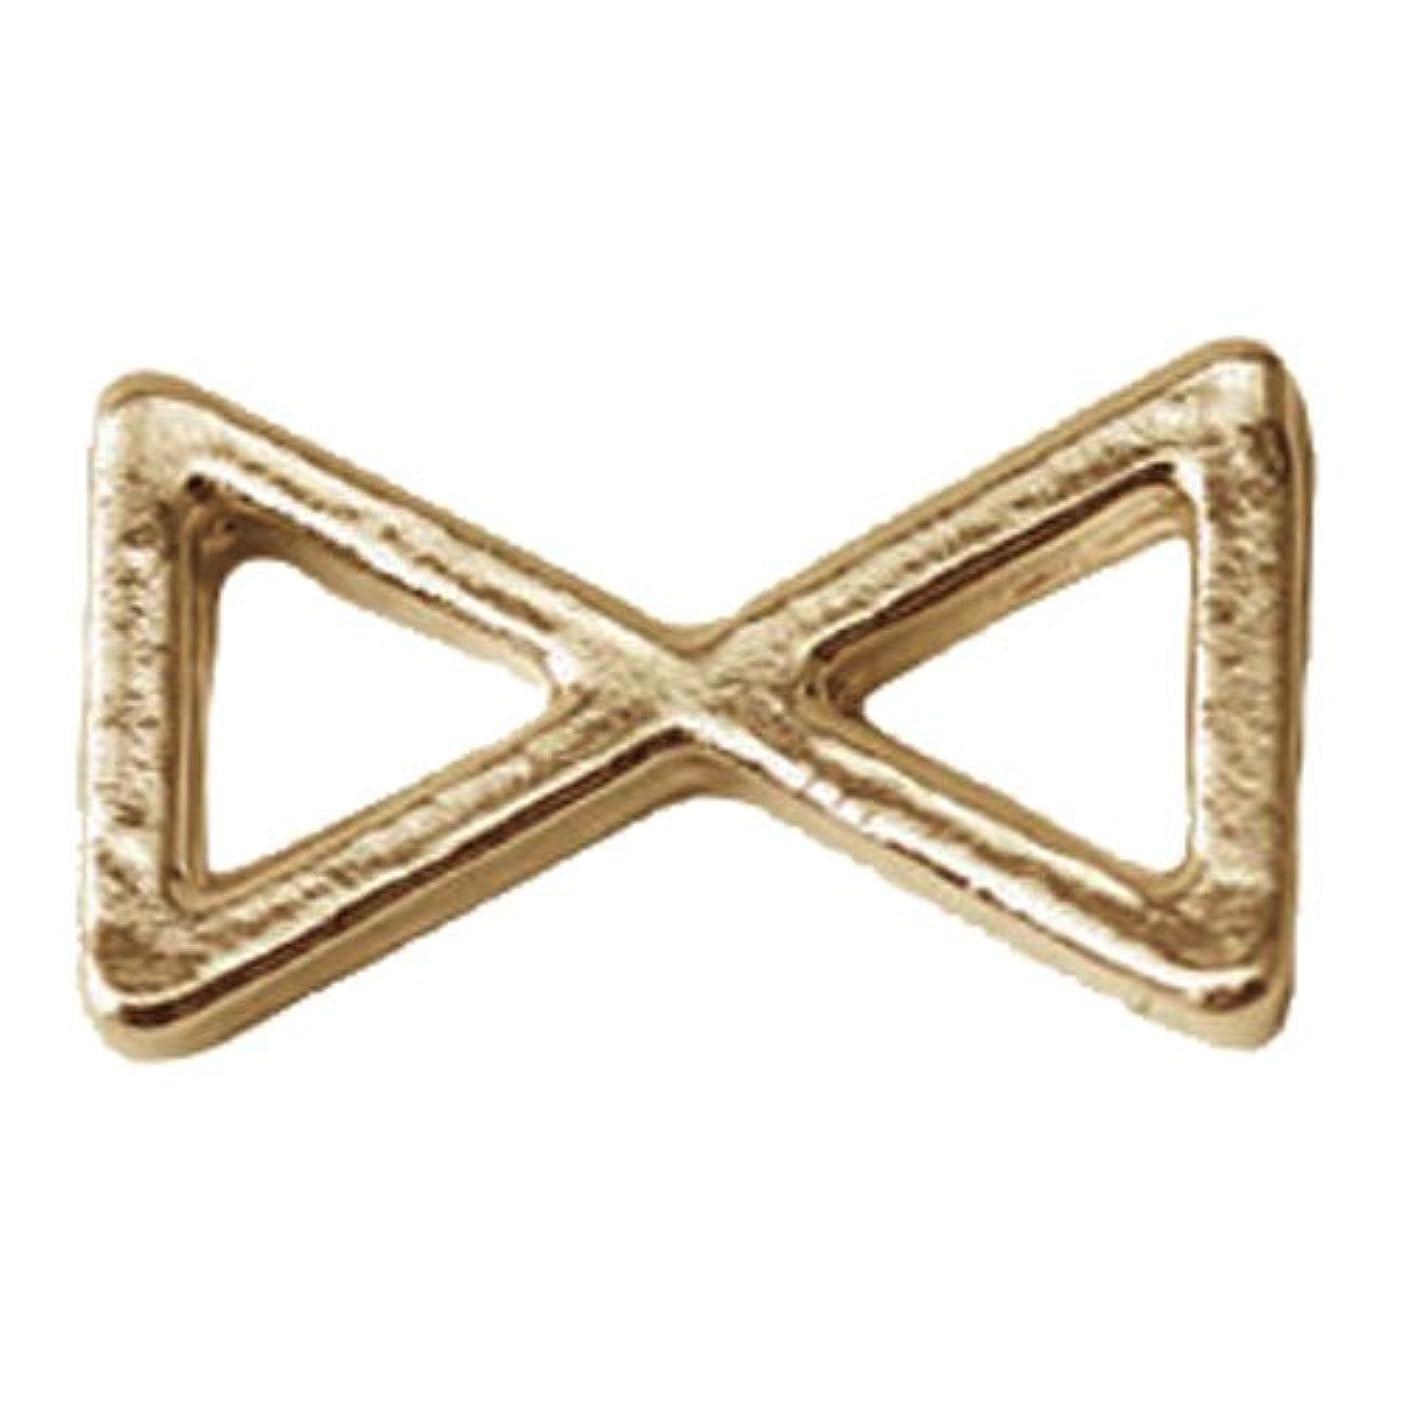 統合する幸運なことに報酬プリティーネイル ネイルアートパーツ プレーンリボンL ゴールド 10個